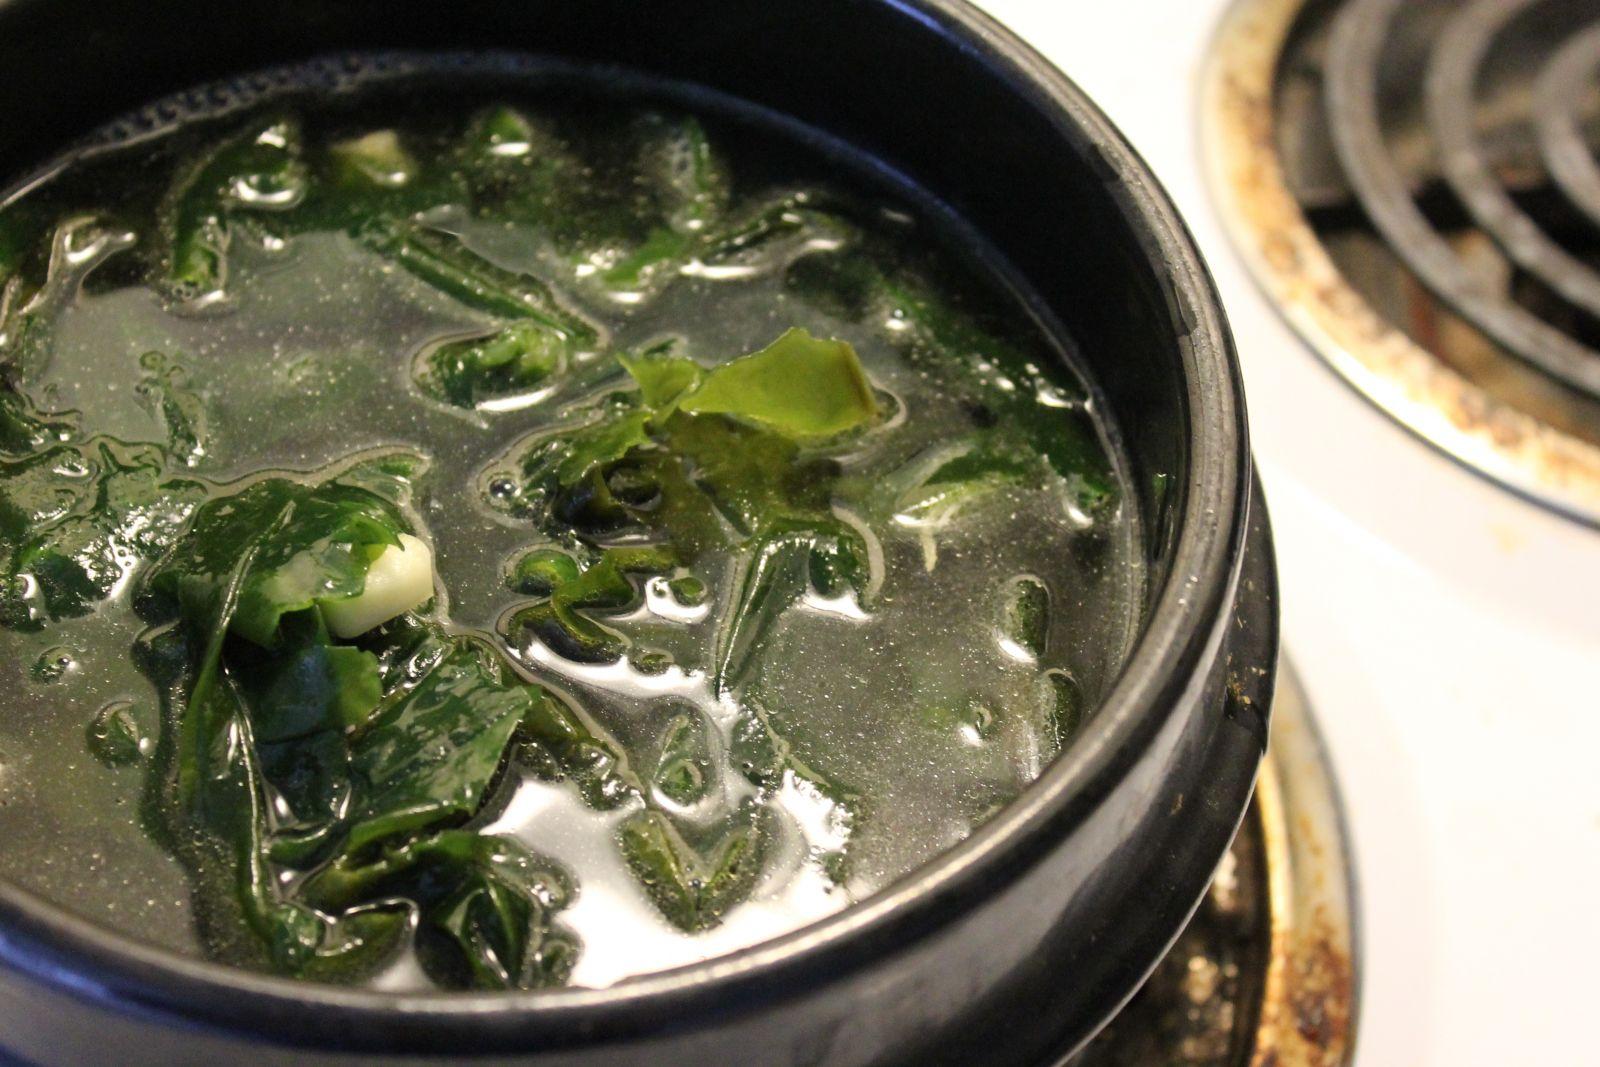 Khám phá ẩm thực Hàn Quốc: Rong biển – Nguyên liệu đặc biệt